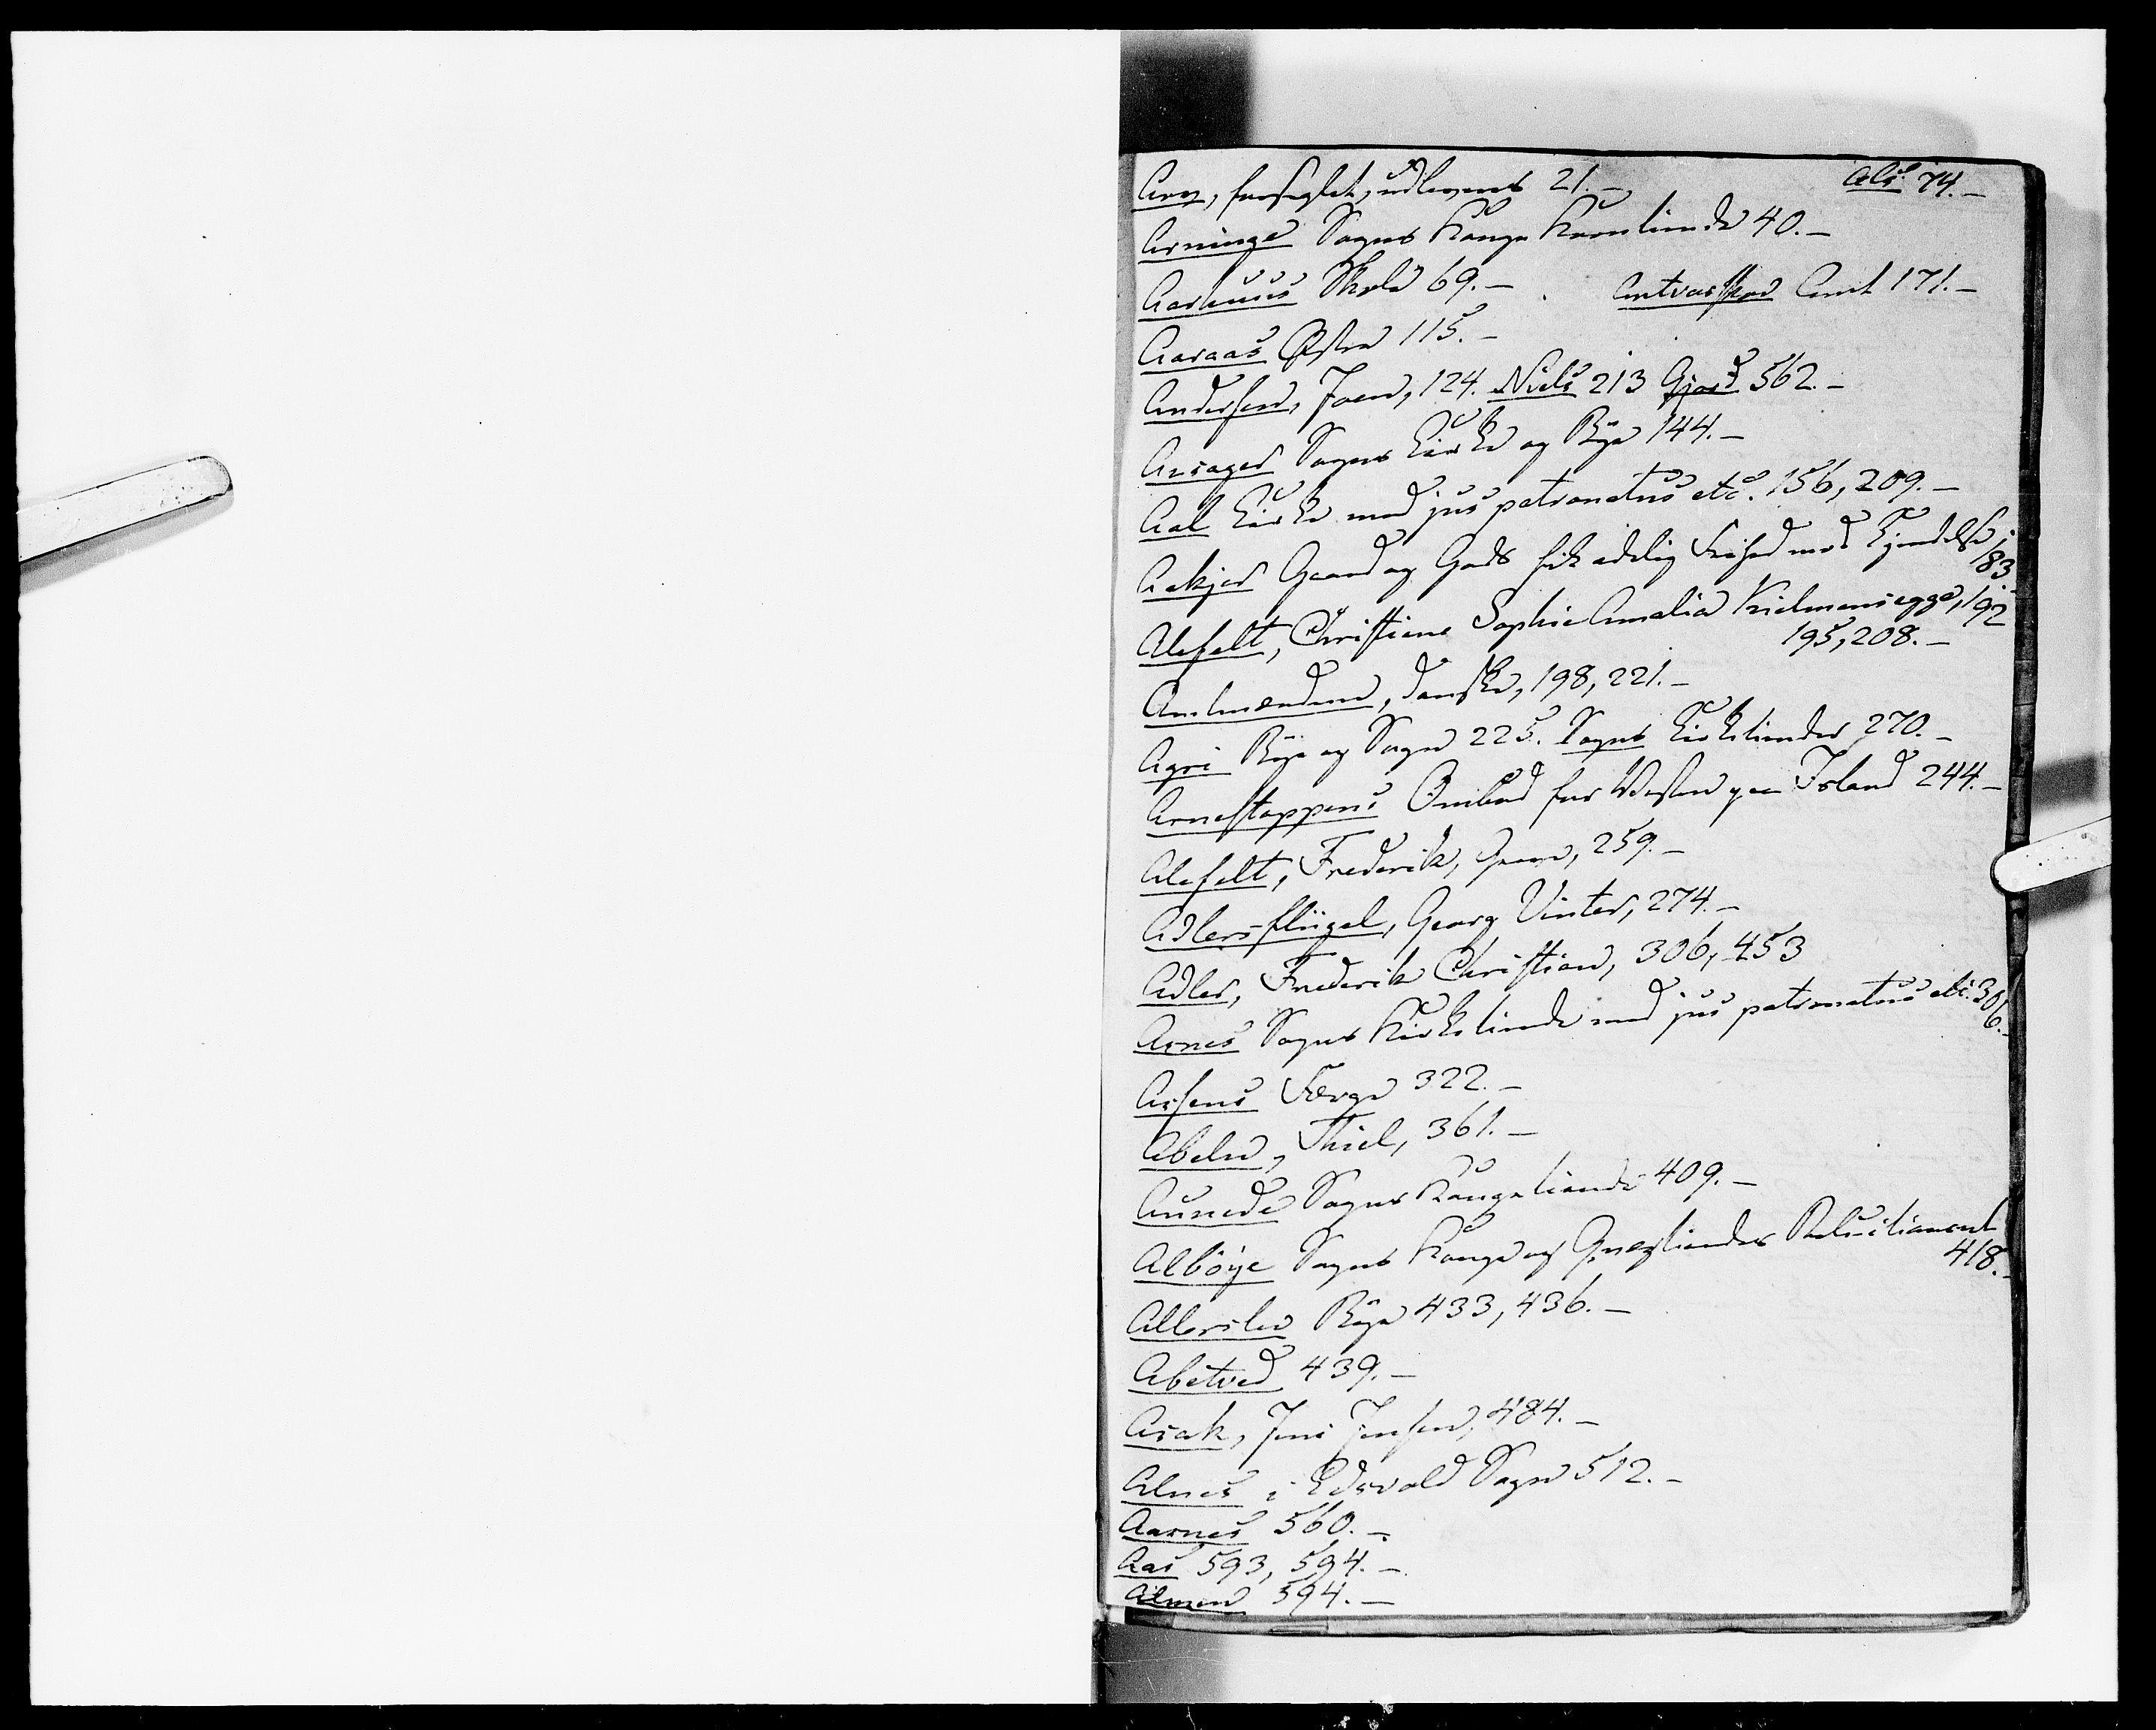 DRA, Rentekammeret Skatkammeret, Danske Sekretariat (1660-1679) / Rentekammeret Danske Afdeling, Kammerkancelliet (1679-1771), -/2212-11: Ekspeditionsprotokol, 1696-1697